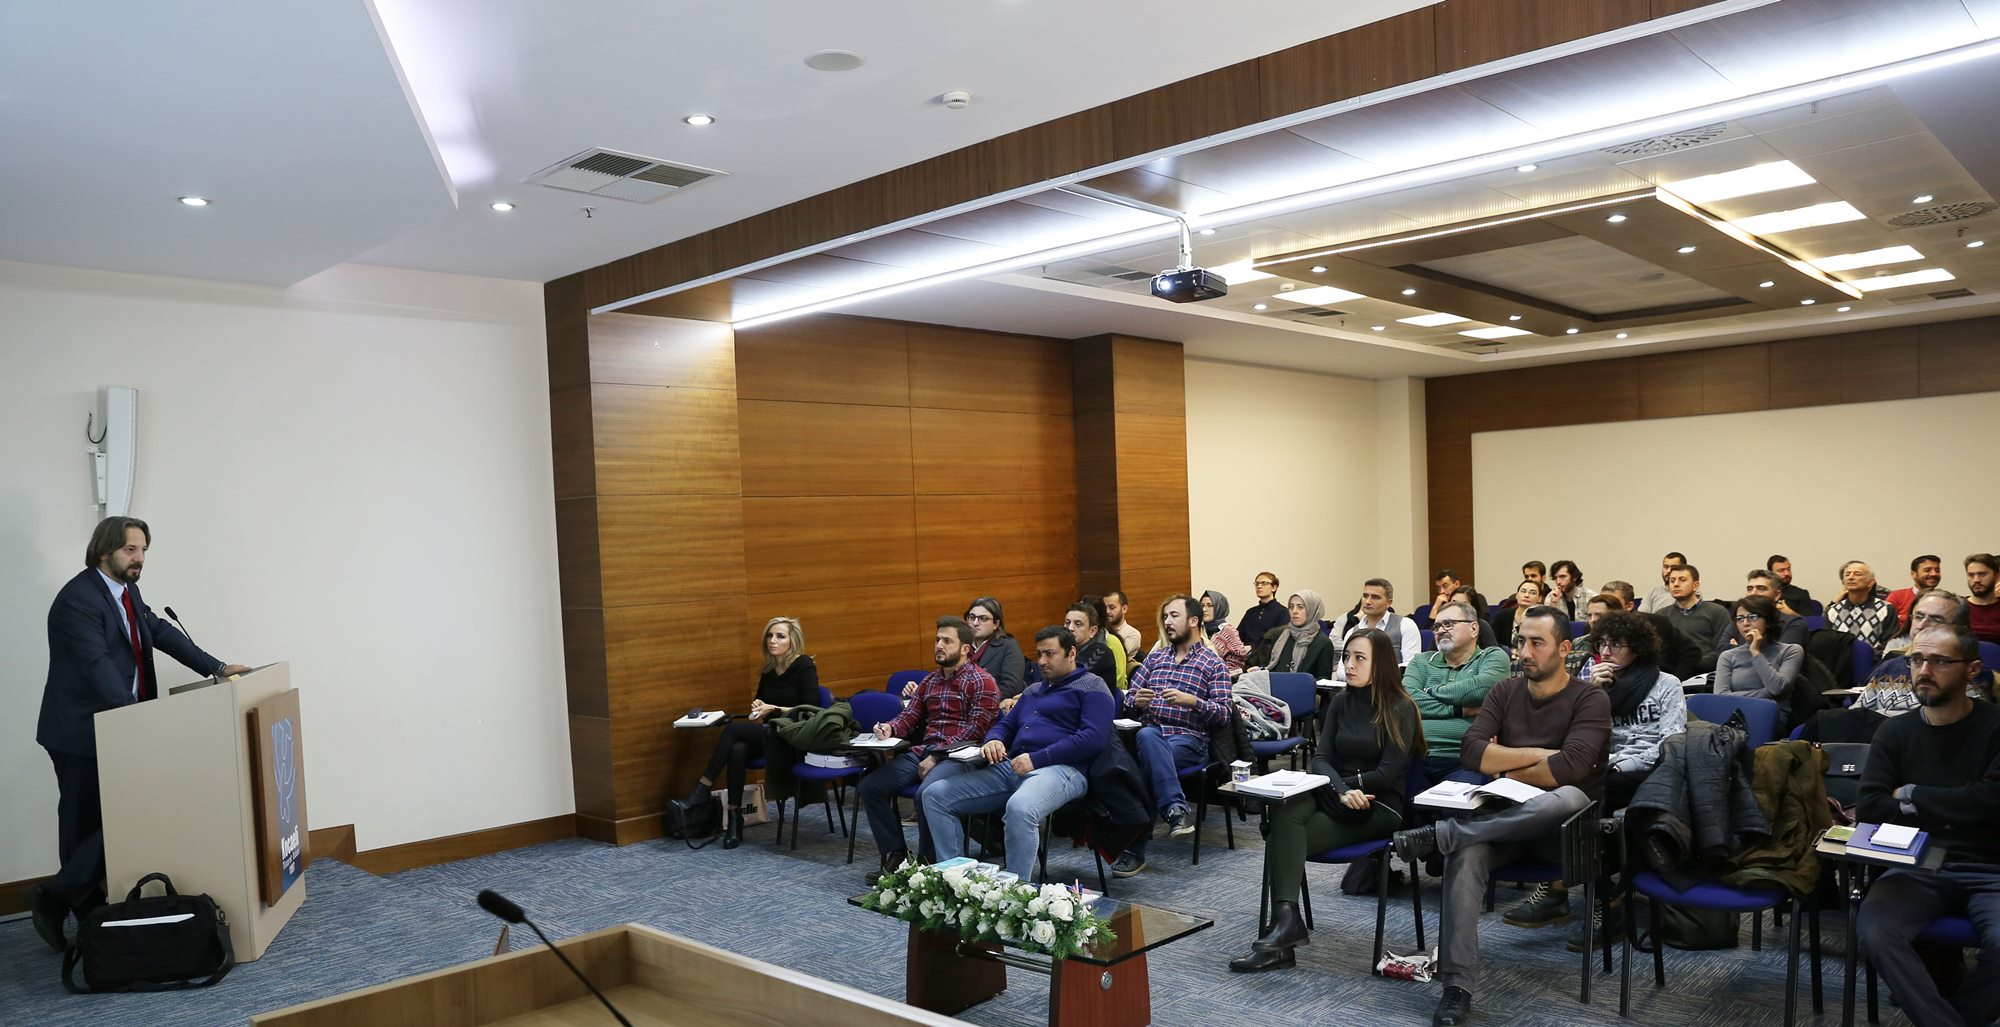 Türkiye Bina Deprem Yönetmeliği 2018 Eğitimi başladı